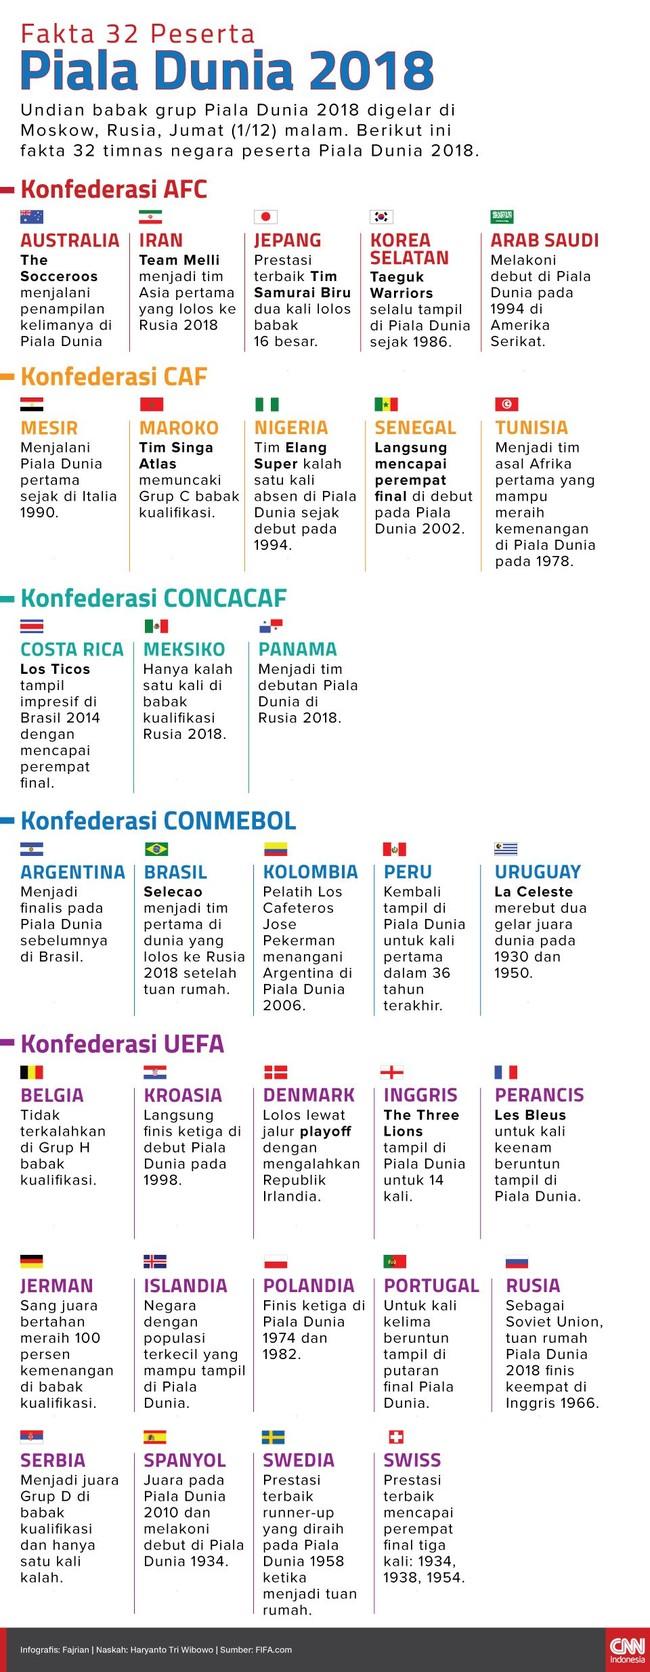 INFOGRAFIS Fakta 32 Peserta Piala Dunia 2018